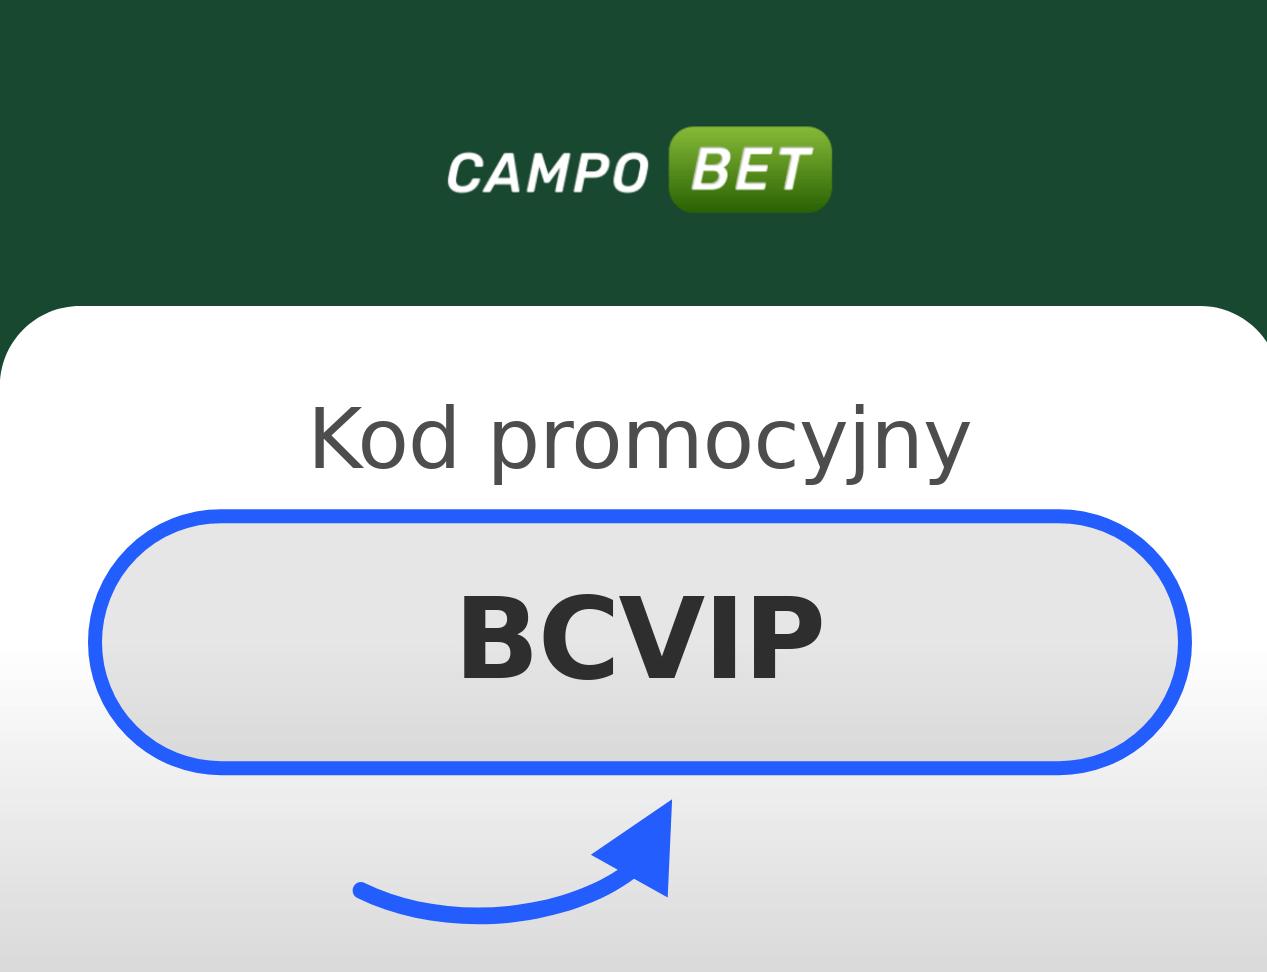 CampoBet Kod Promocyjny